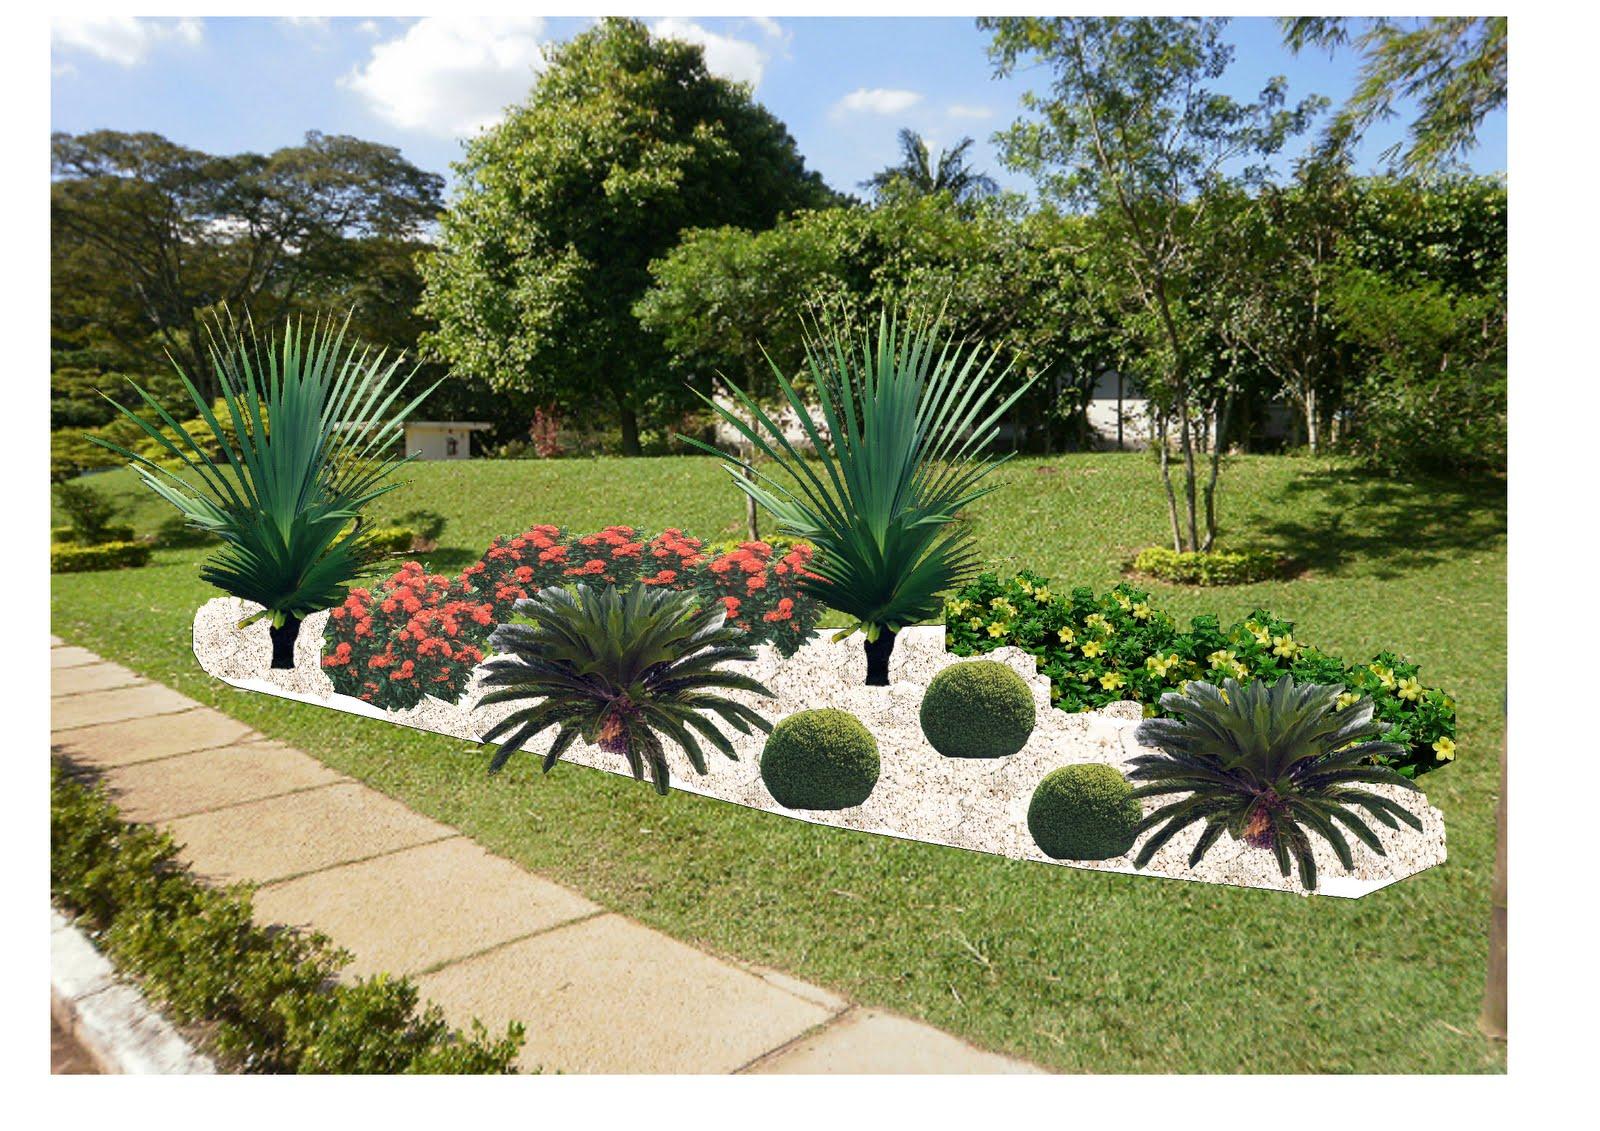 plantas jardins tropicais : plantas jardins tropicais:ABAIXO NA LATERAL DIREITA BOLAS DE CERÃMICA FURADA,FAZEM UM ESTILO